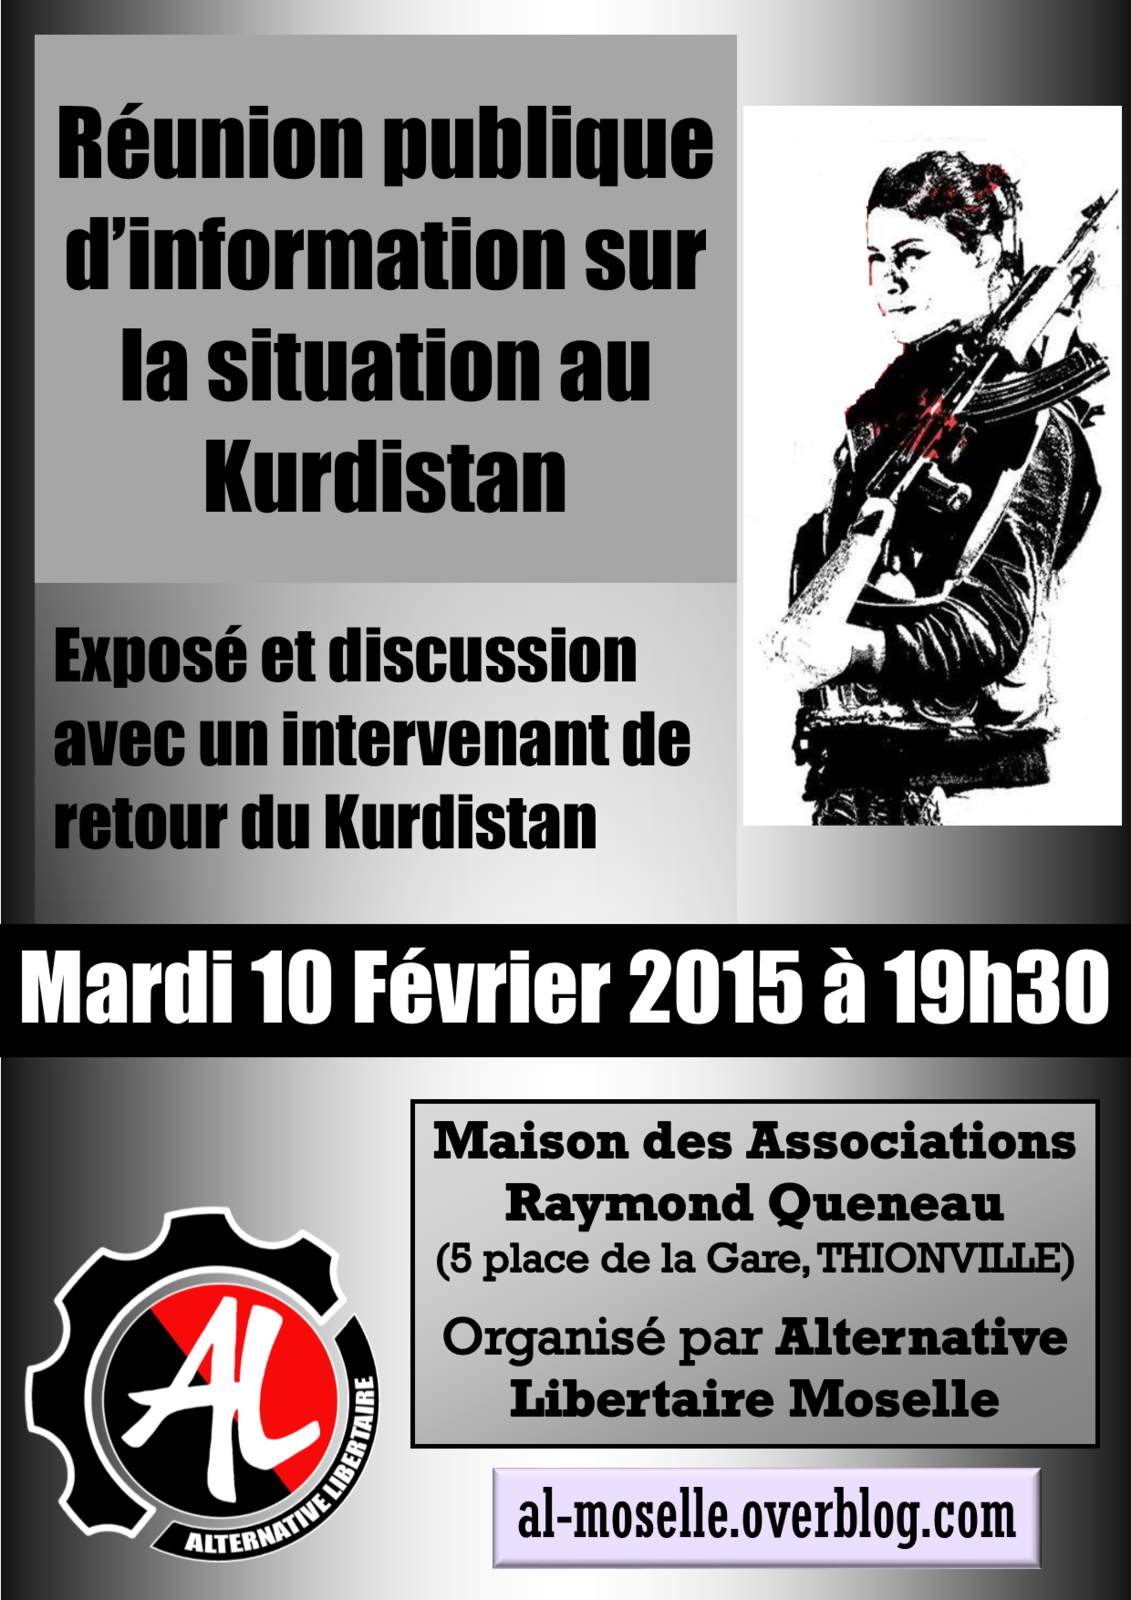 Réunion publique d'information sur la situation au Kurdistan